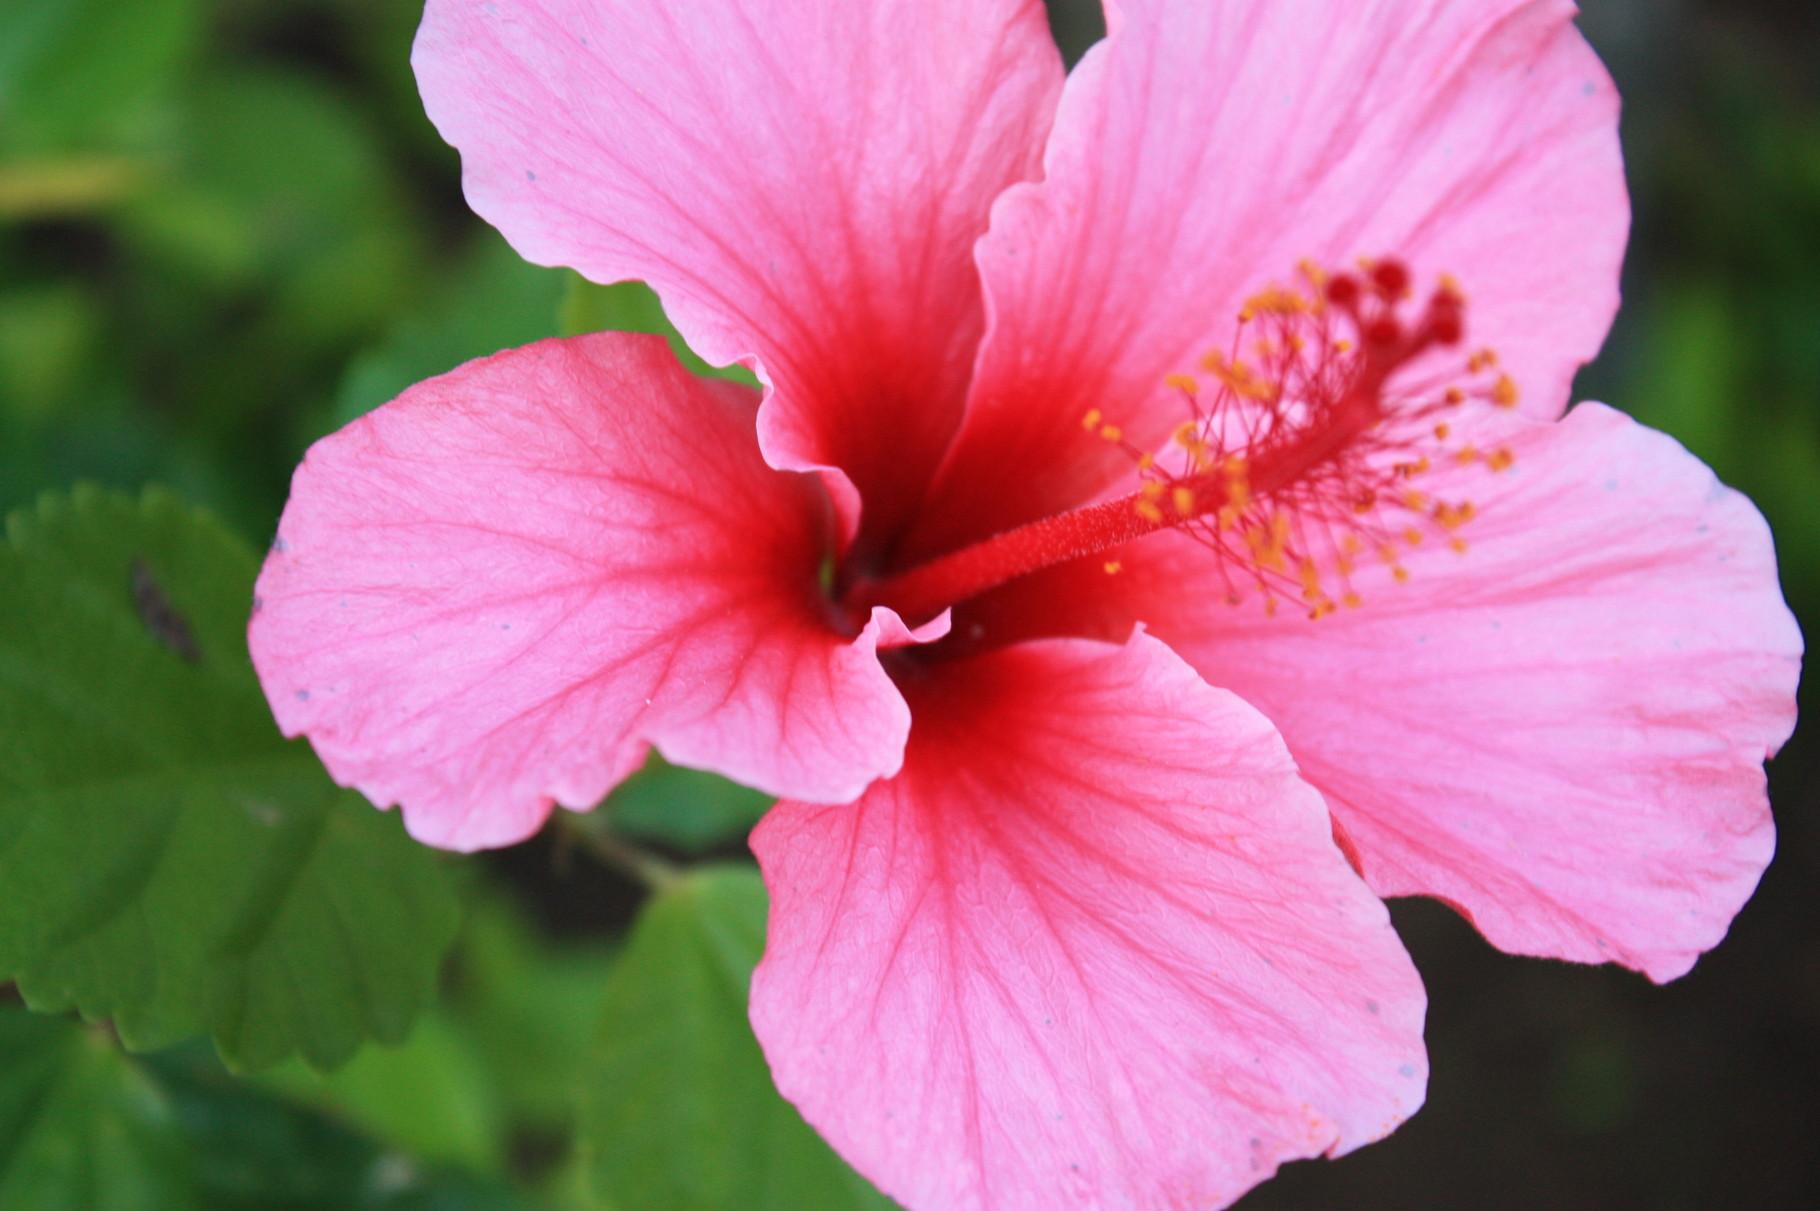 ハワイをきっかけに、大きく自分を咲かせよう!